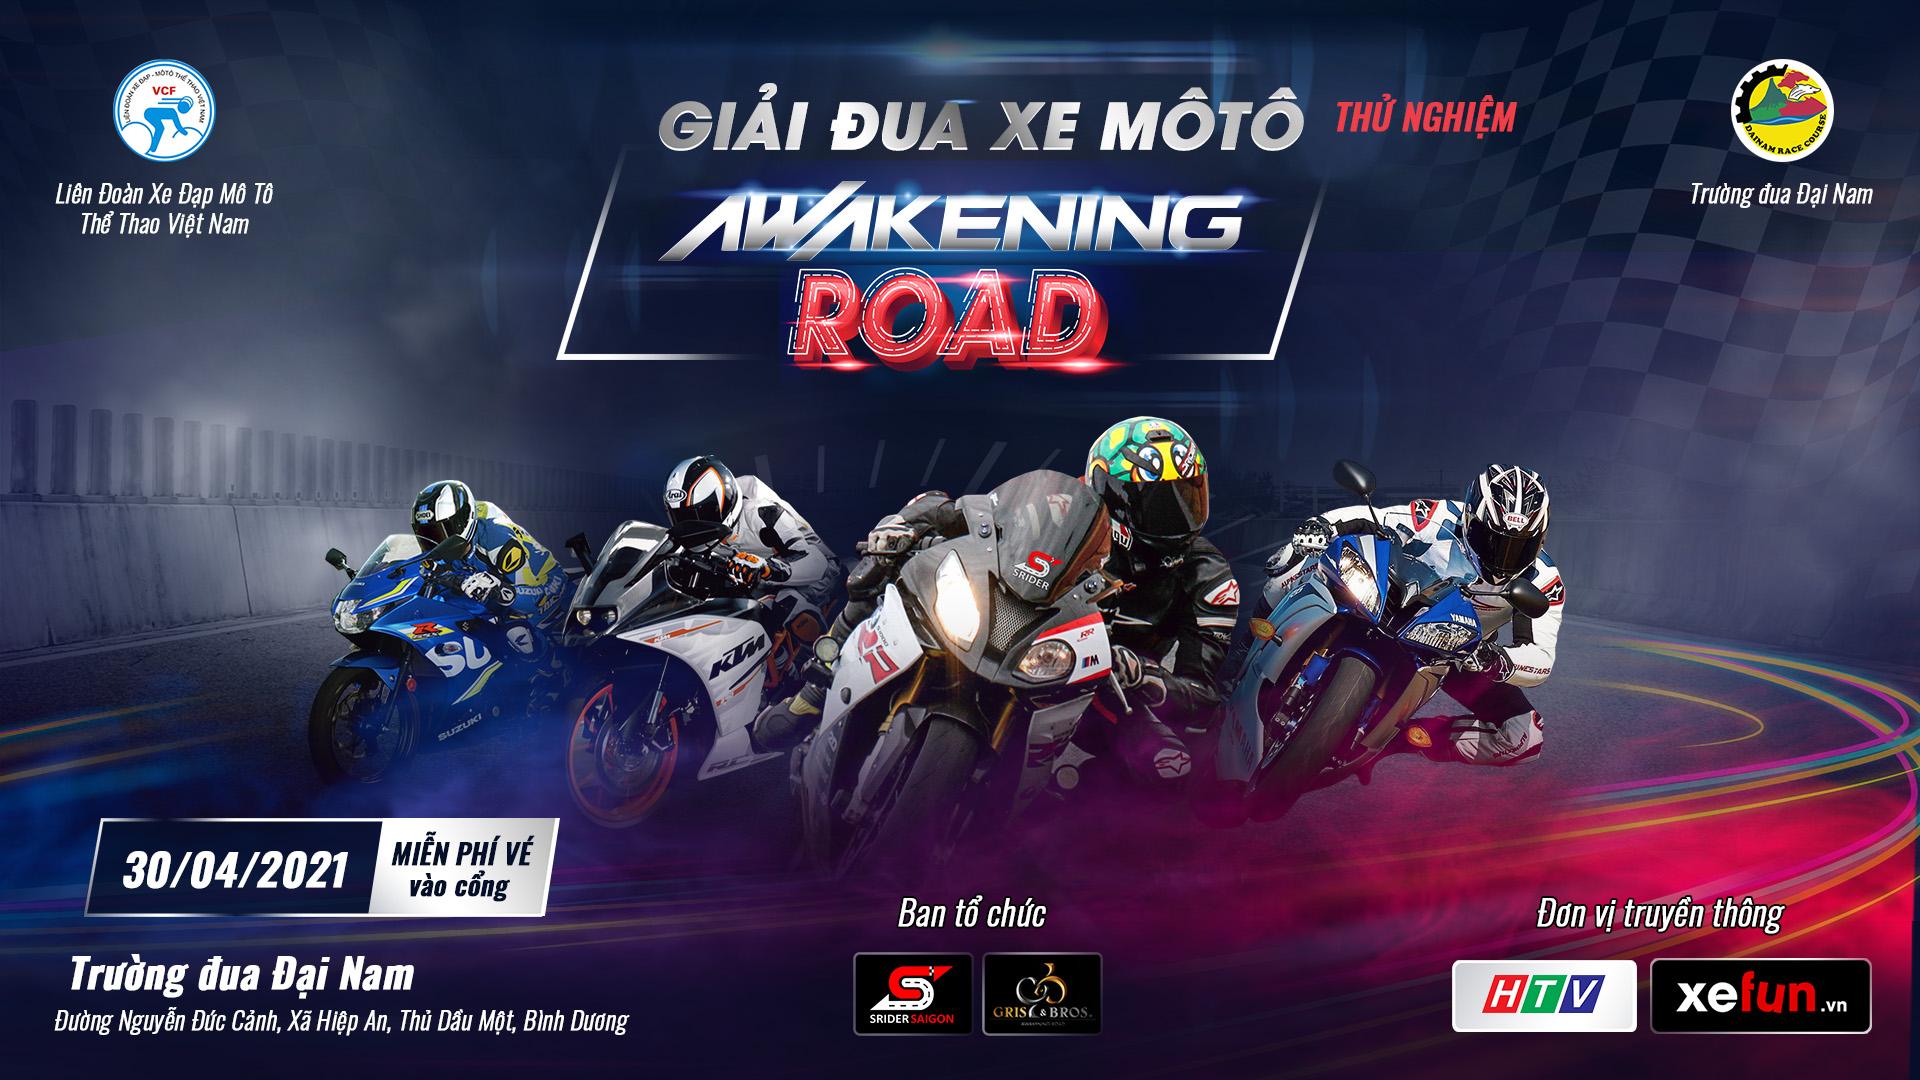 Đăng ký và quy định tham gia Giải đua xe Môtô thử nghiệm Awakening Road trên Xefun